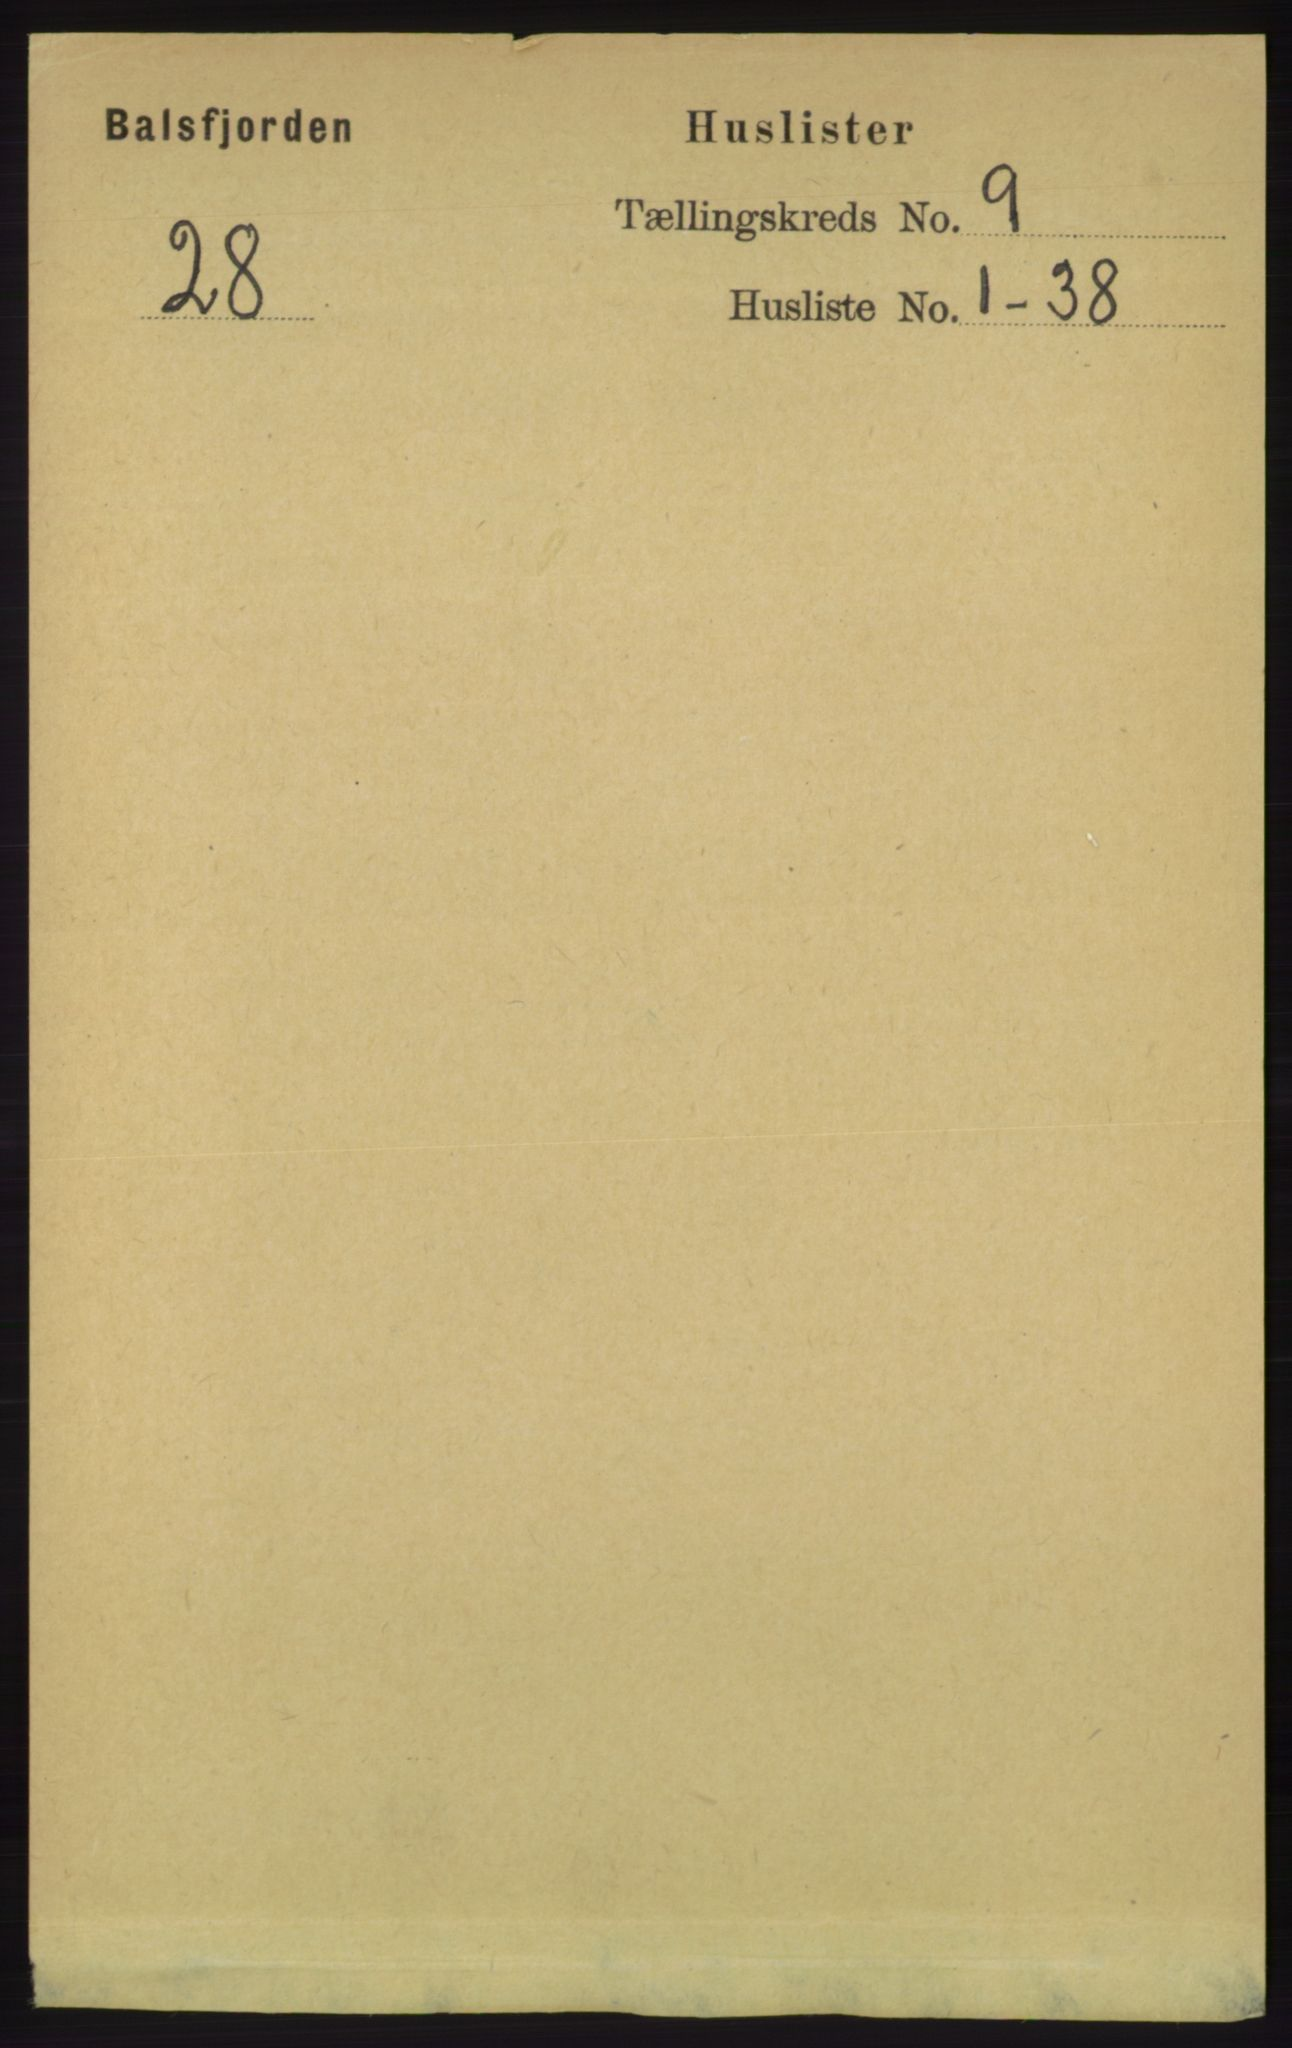 RA, Folketelling 1891 for 1933 Balsfjord herred, 1891, s. 3074